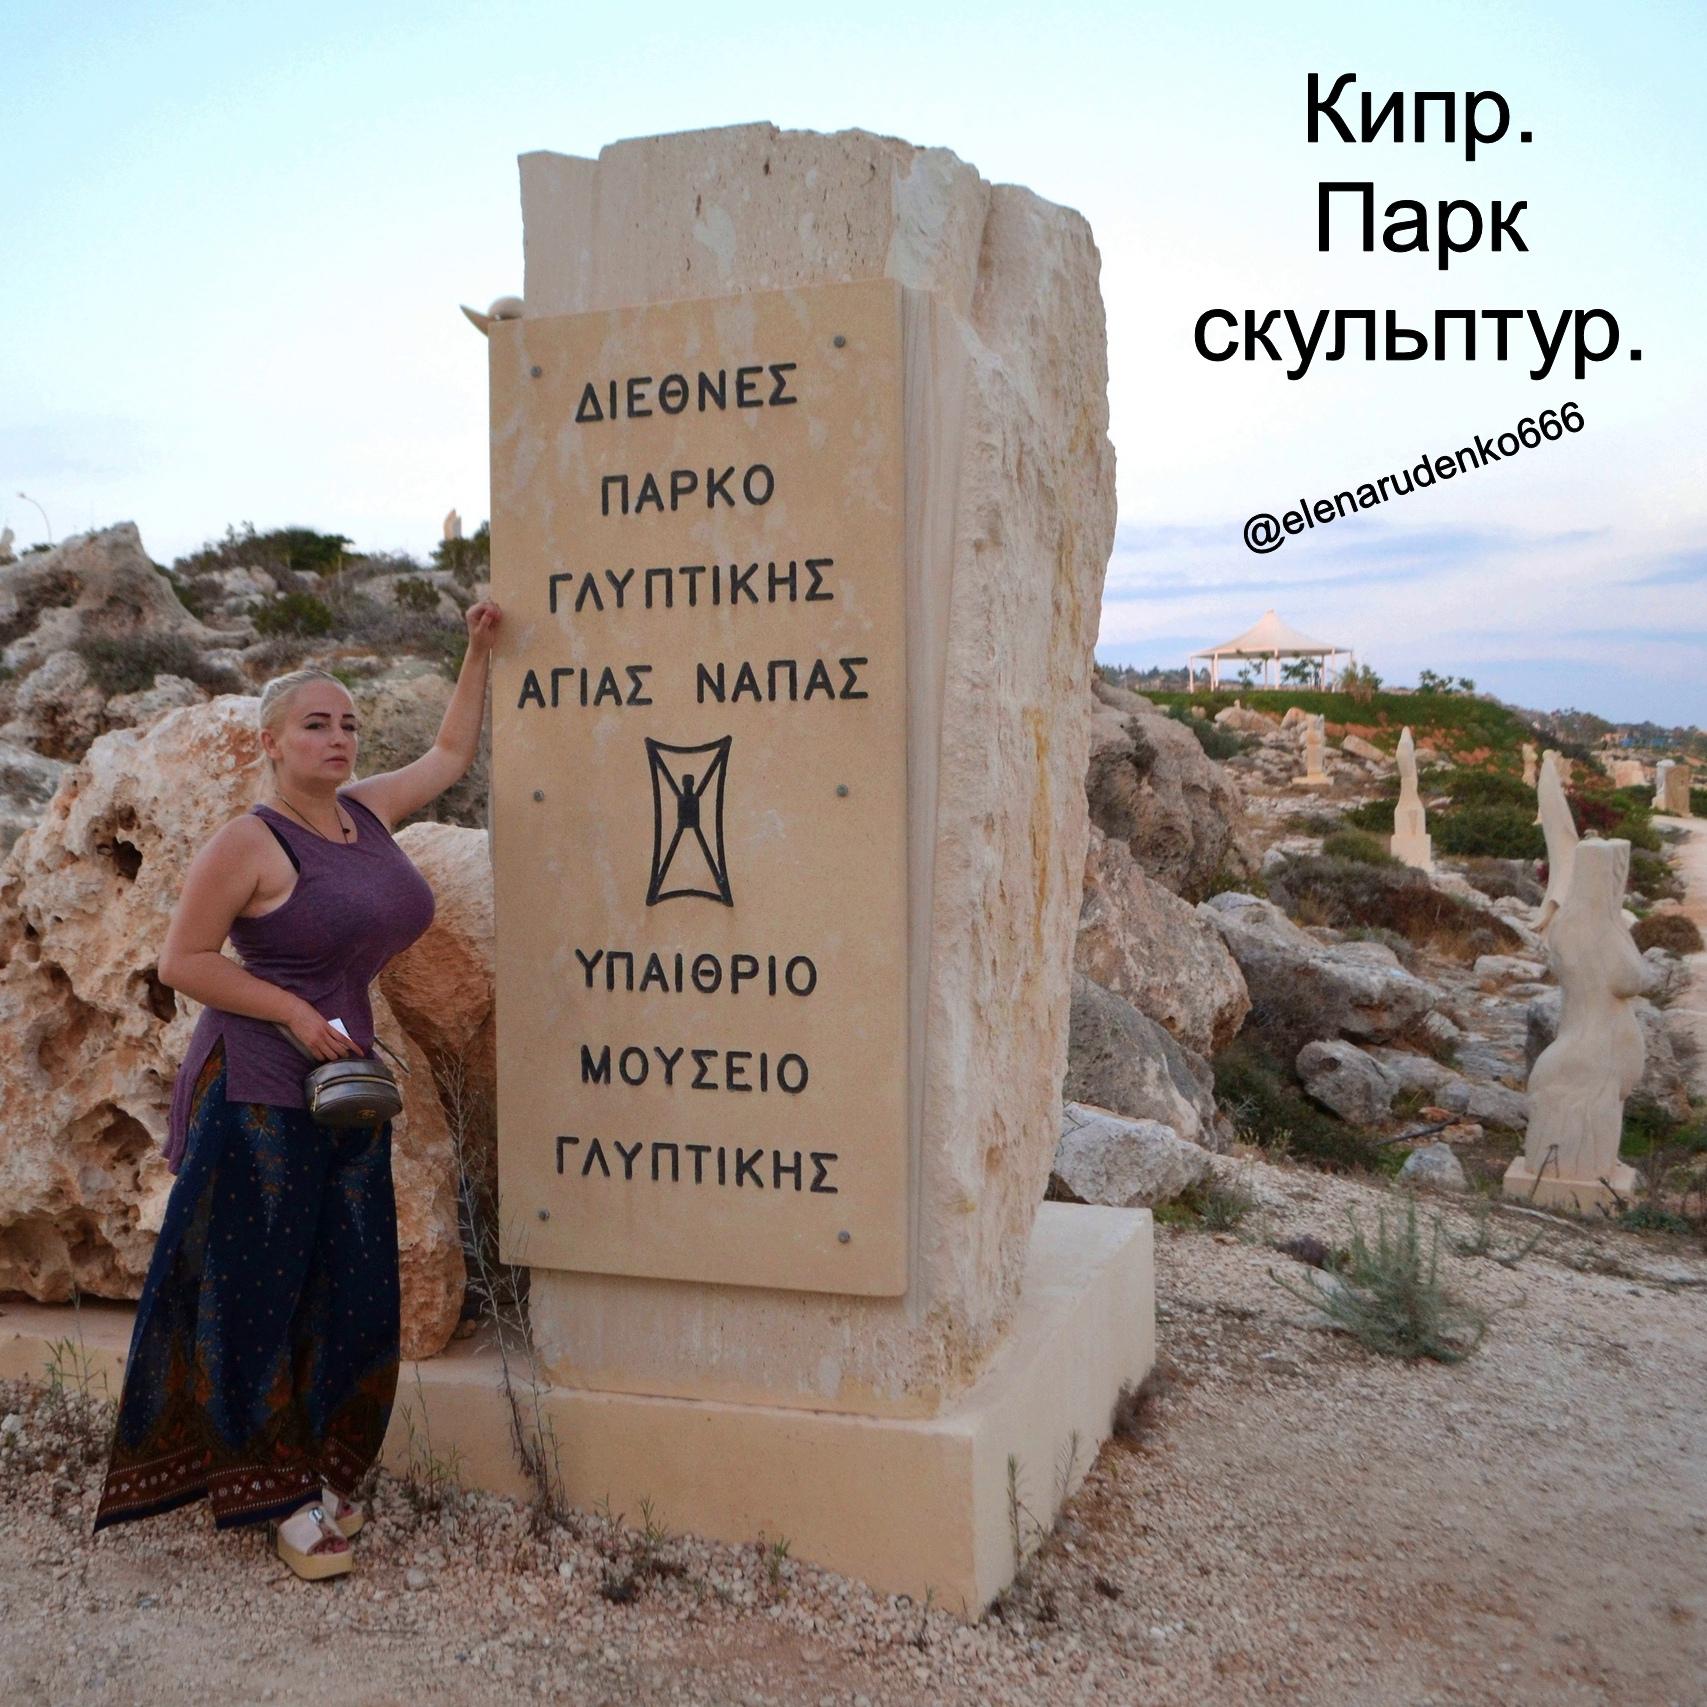 перелет - Елена Руденко (Валтея). Кипр мои впечатления. отзывы, достопримечательности, фото и видео.  Ut15wR4nh48